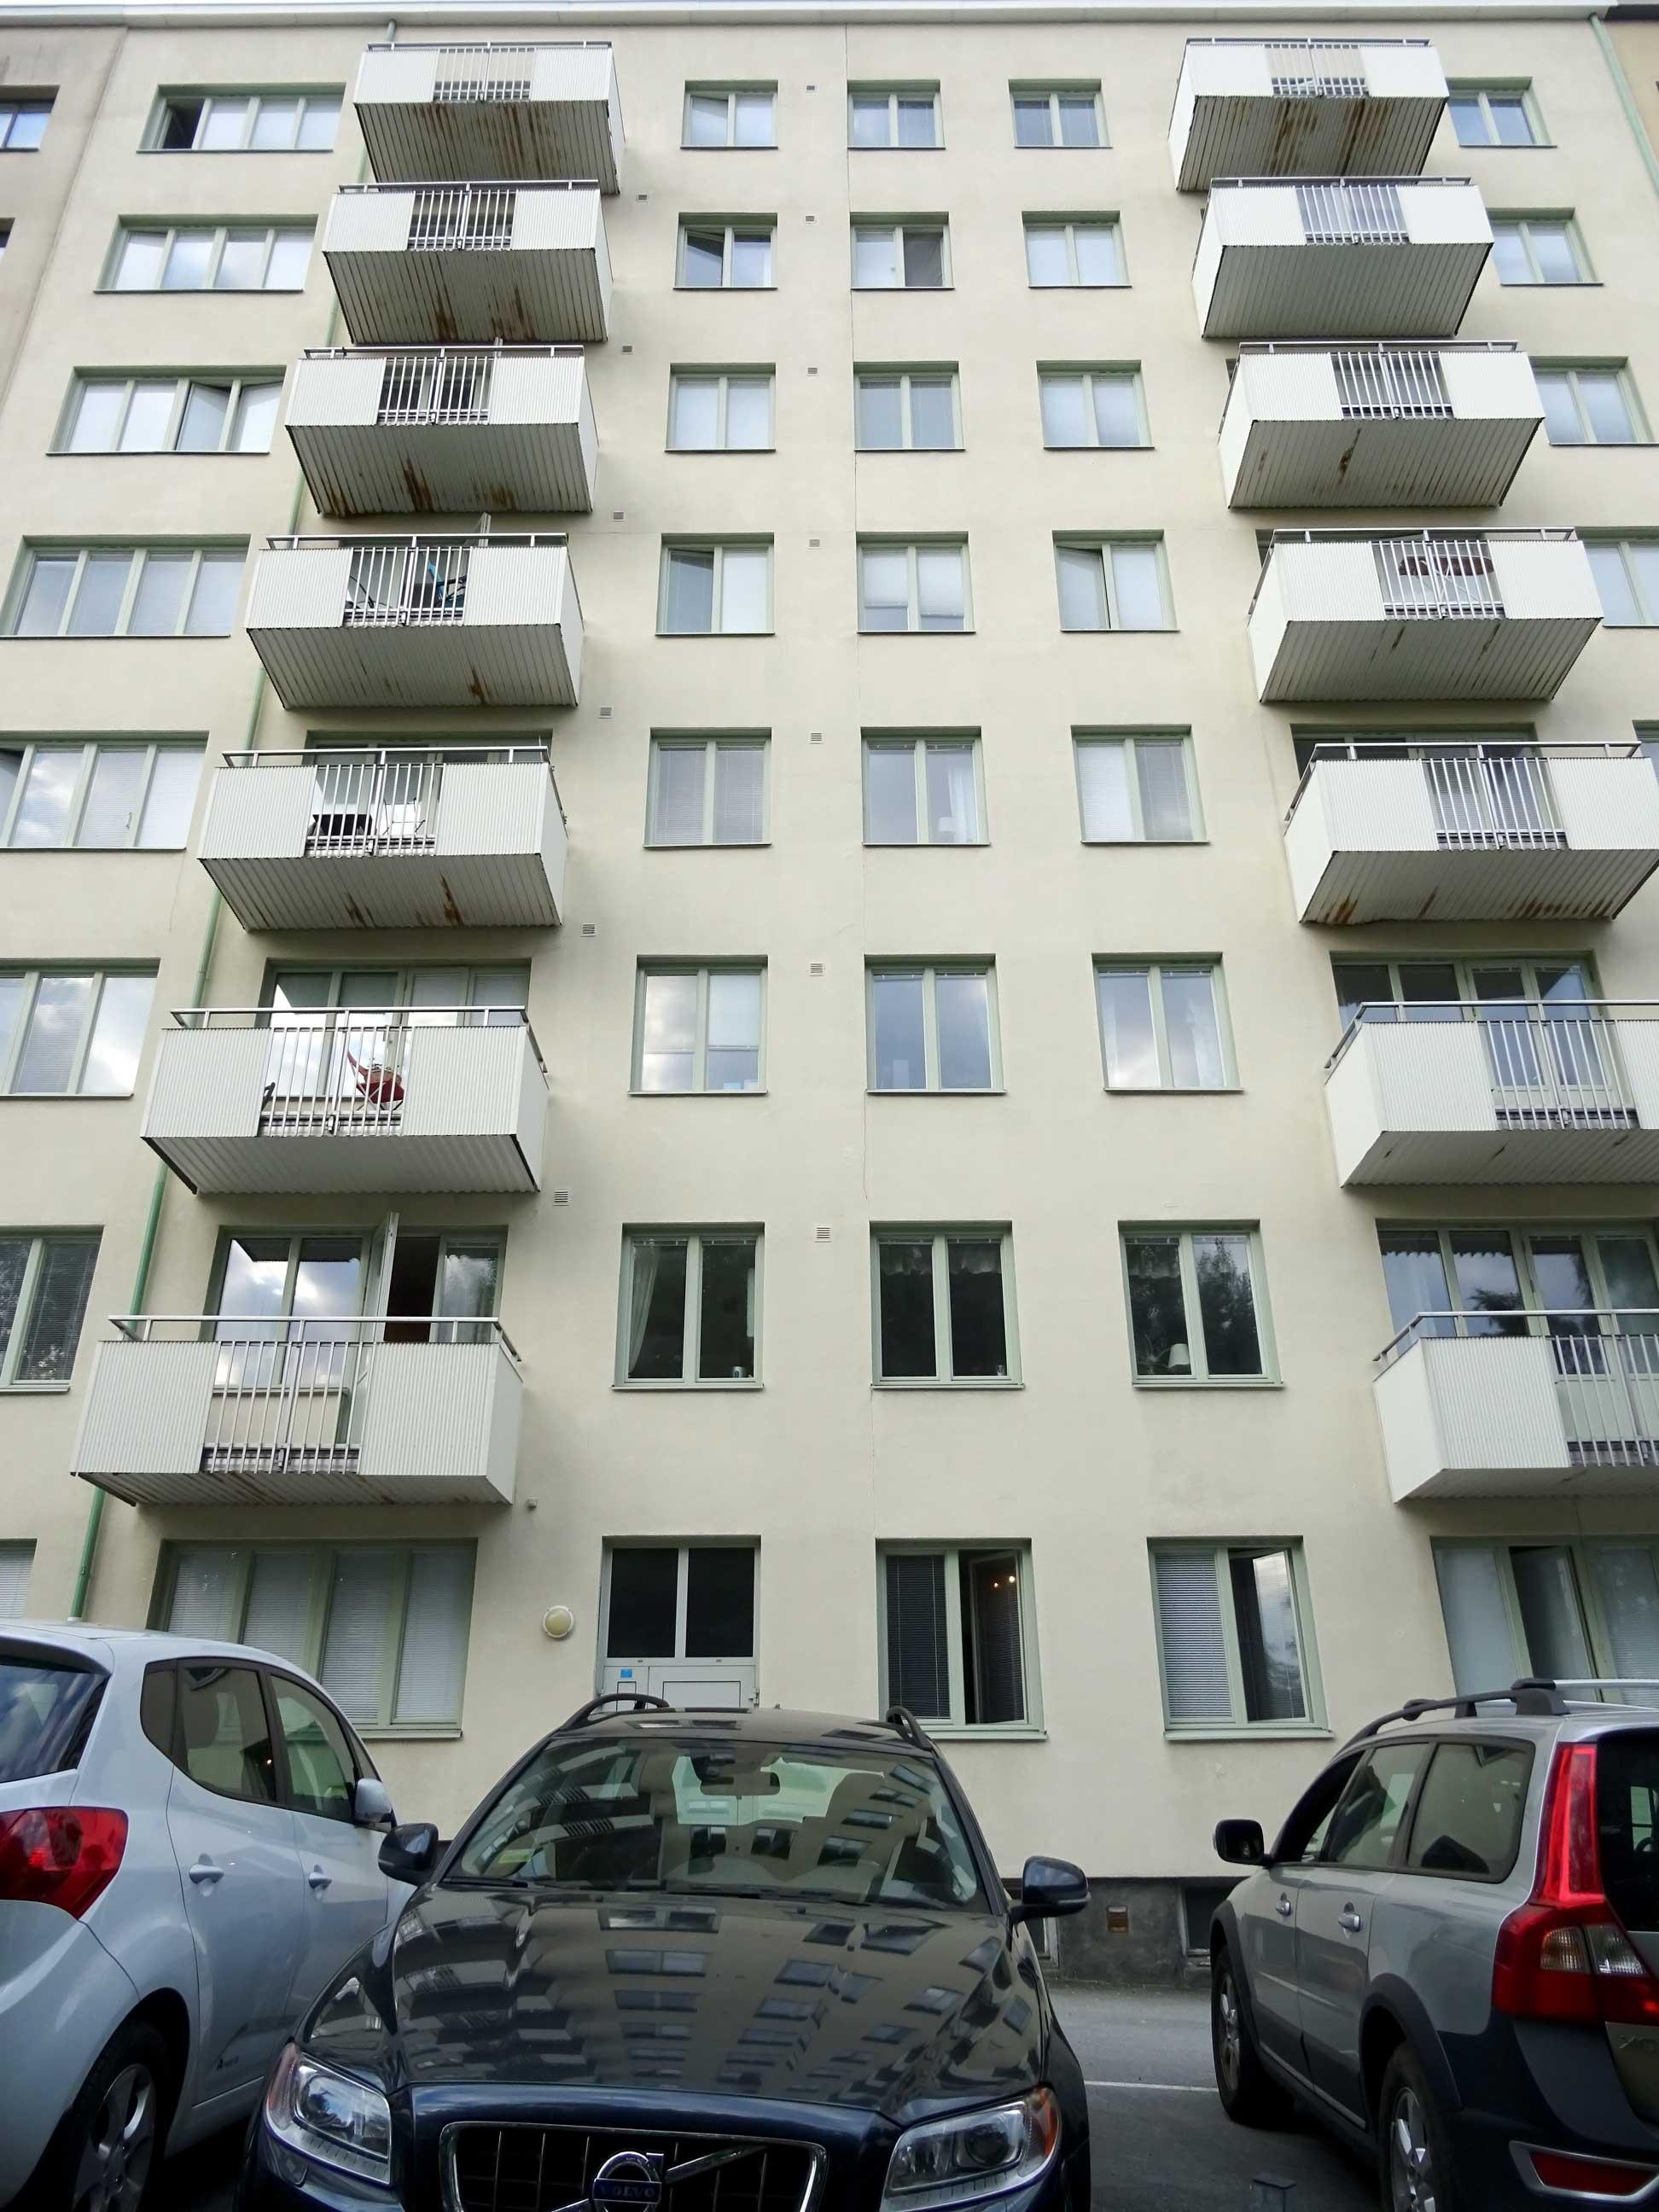 Ren putsad fasad och balkonger